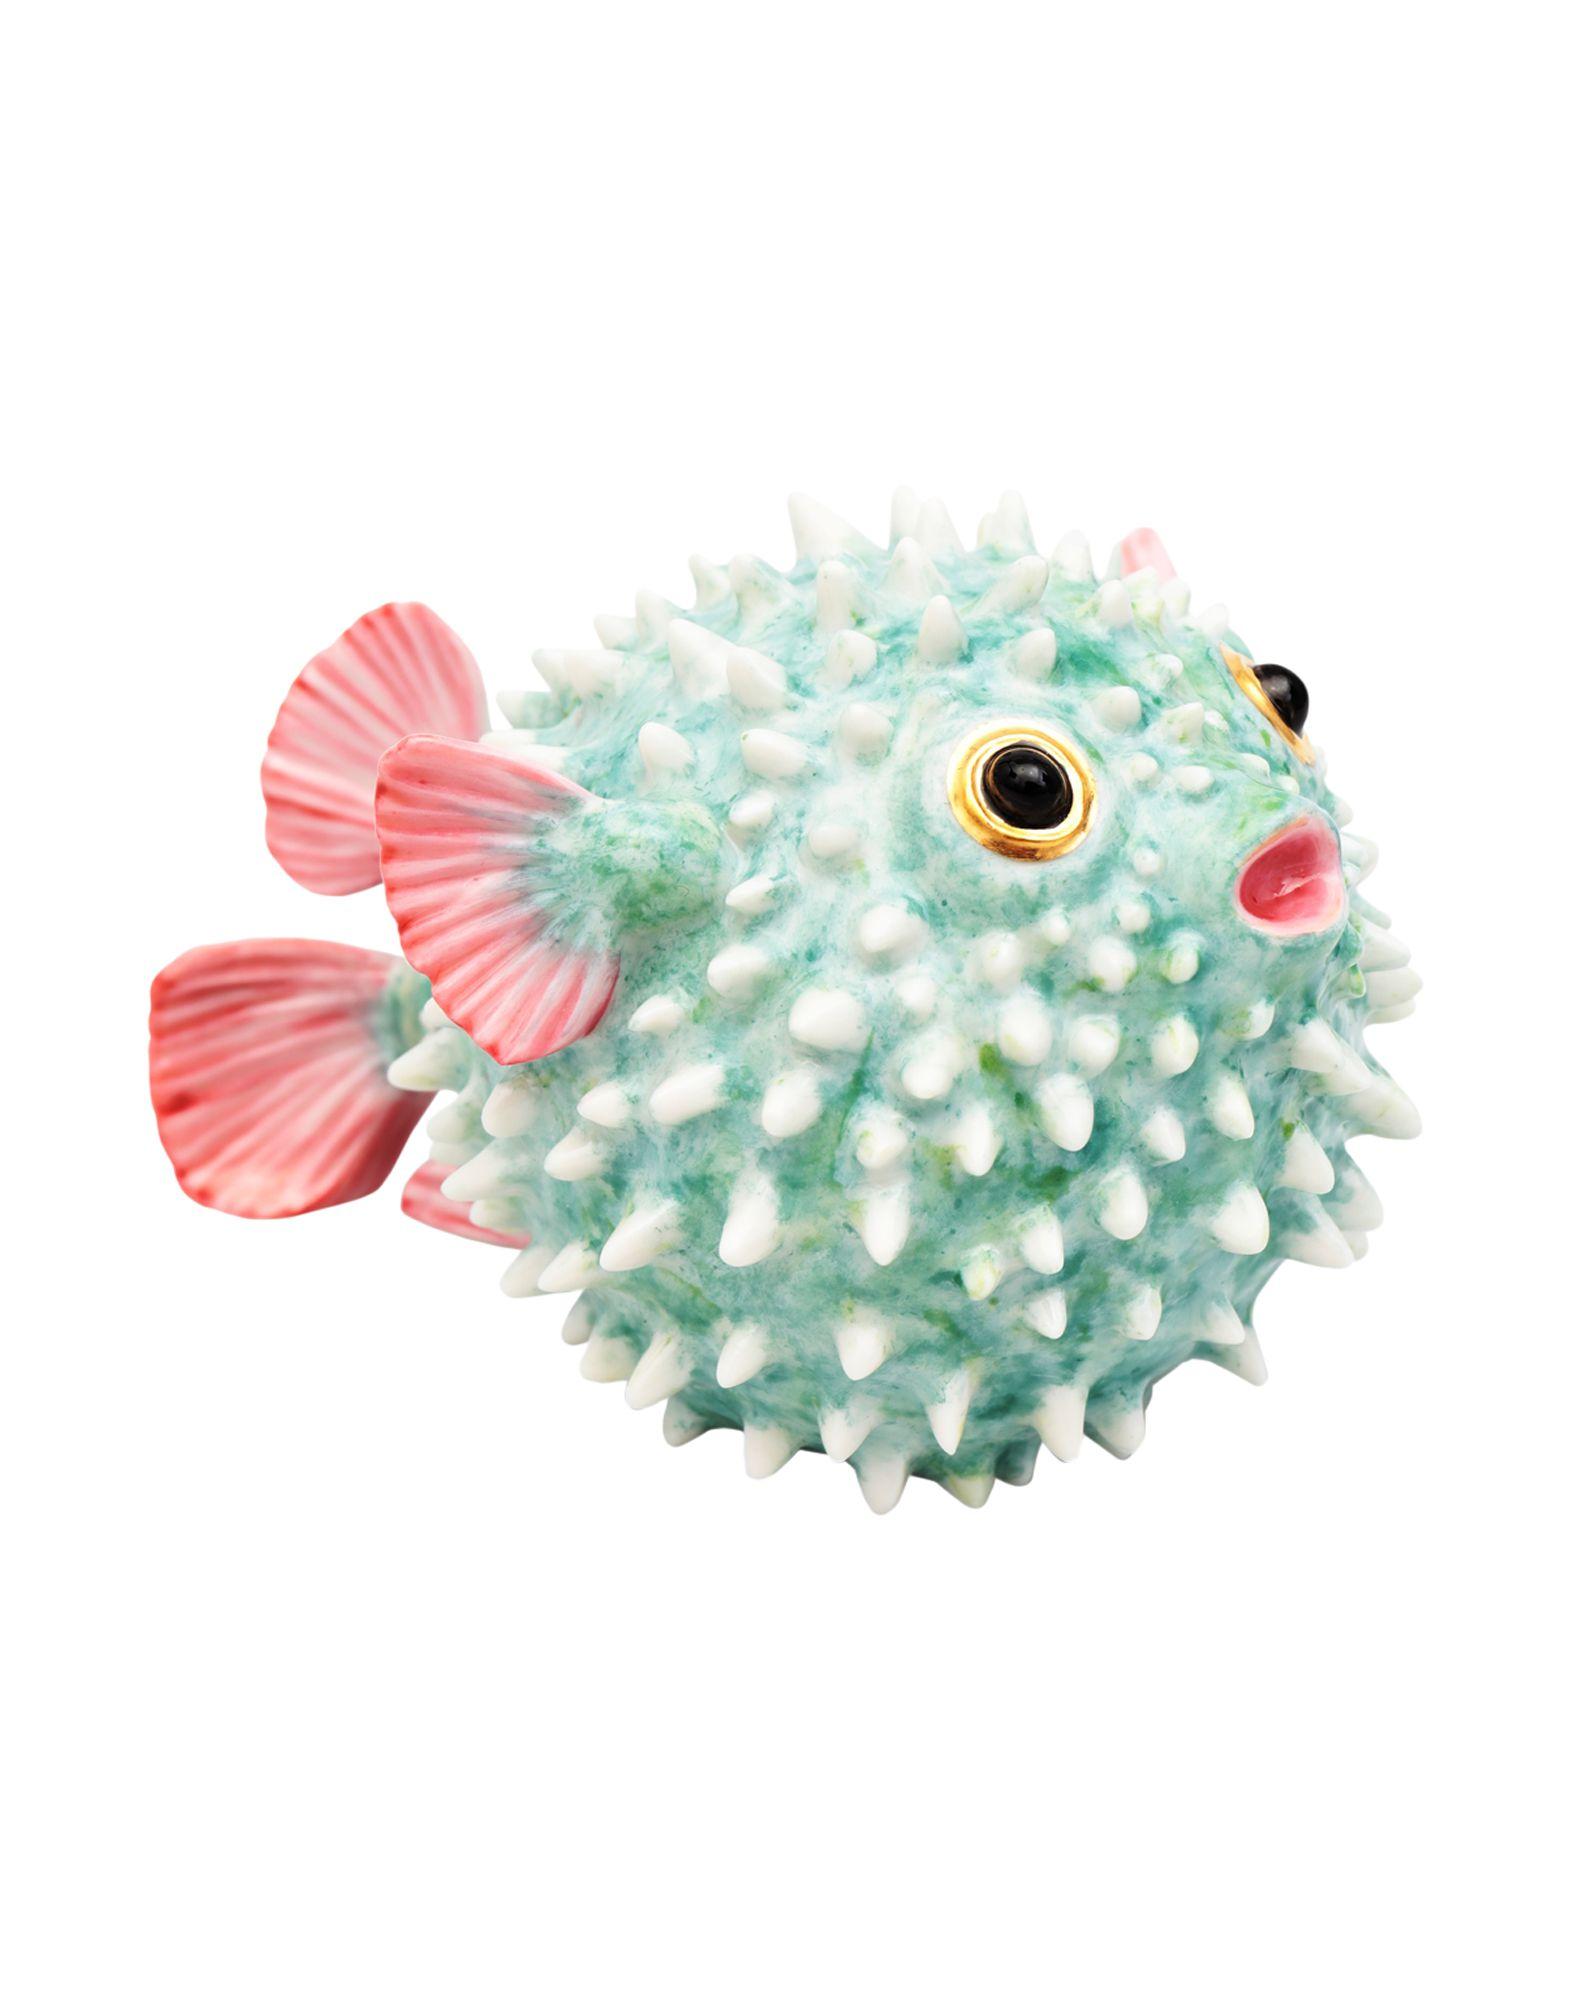 《送料無料》NYMPHENBURG Unisex 雑貨 アジュールブルー セラミック Hedgehog Fish